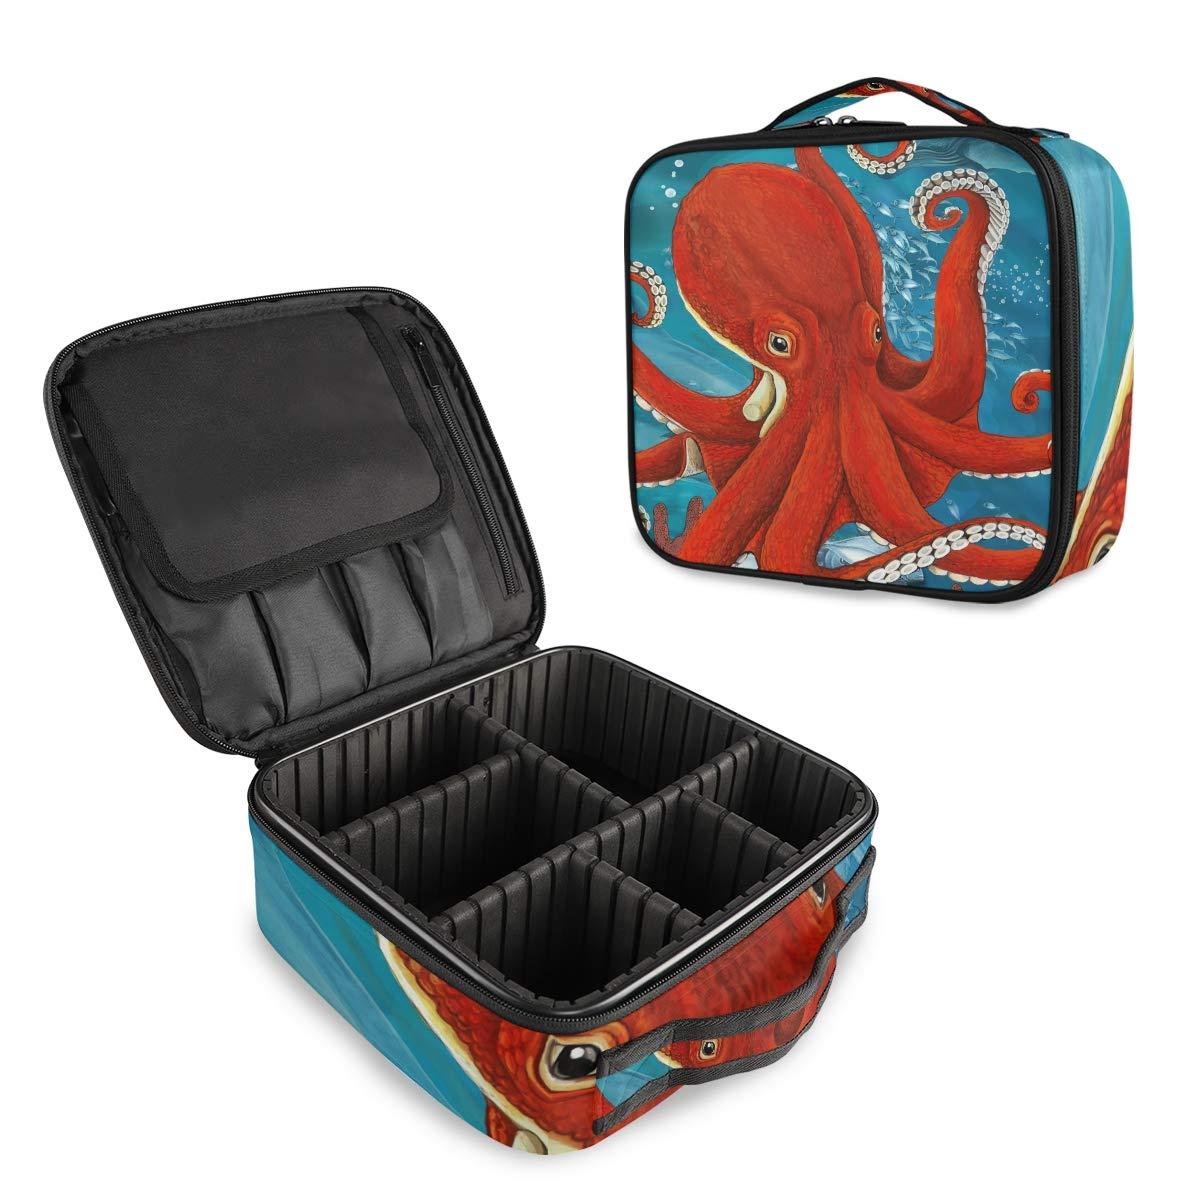 HousingMart Travel Makeup Bag Excellent Animal NEW Ocean Octopus Cosmet